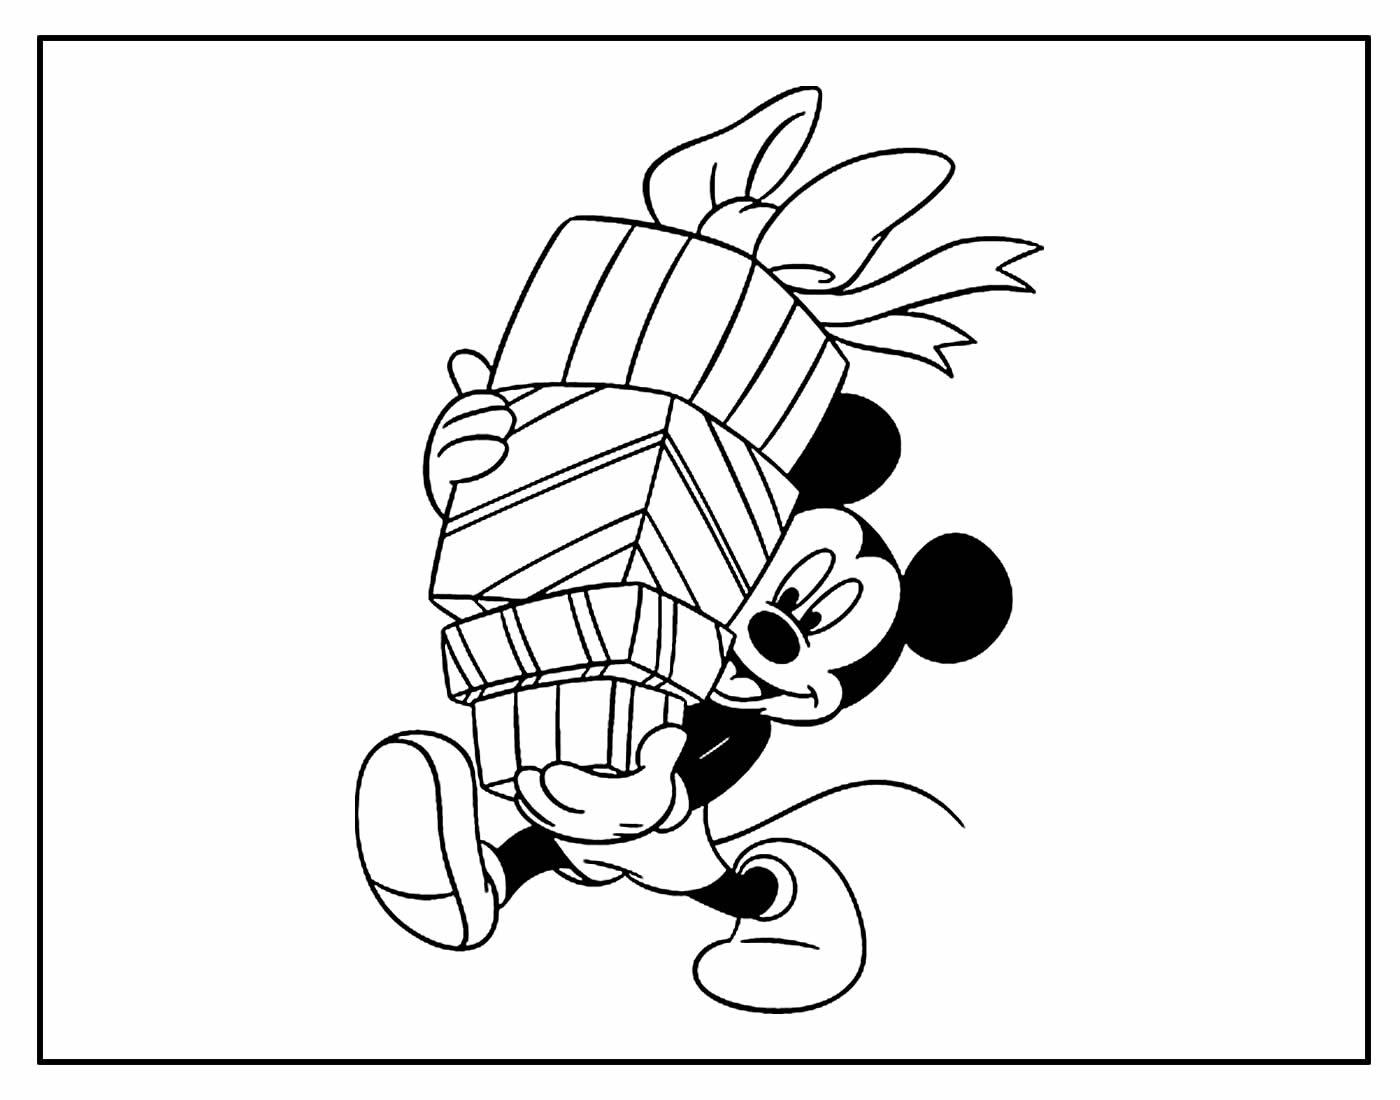 Desenho para colorir Mickey Mouse